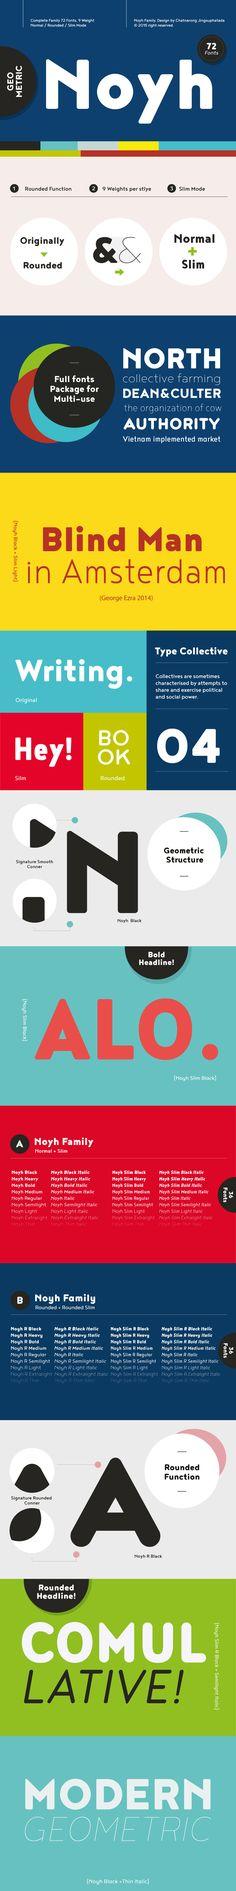 The Contemporary Creative Design Collection